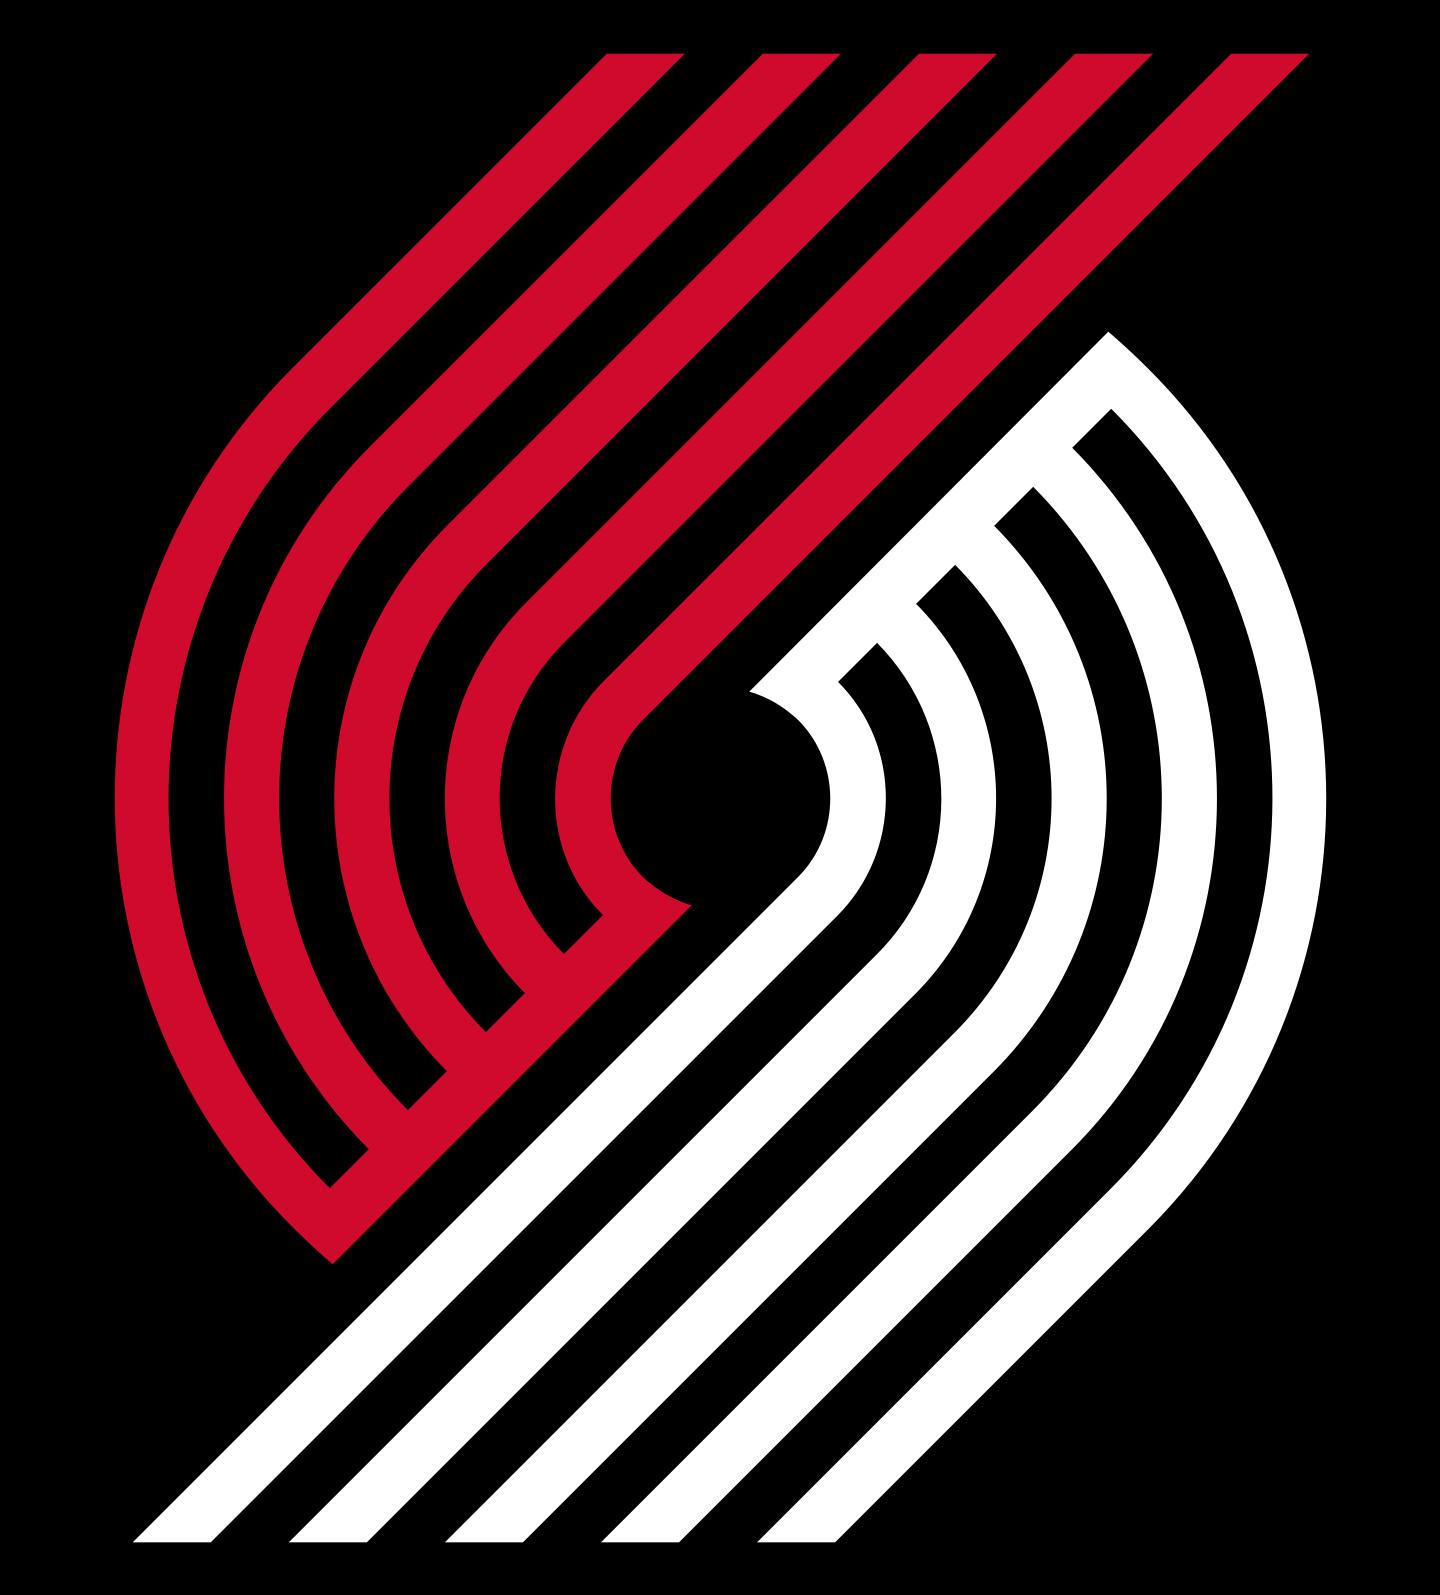 portland trail blazers logo 2 - Portland Trail Blazers Logo